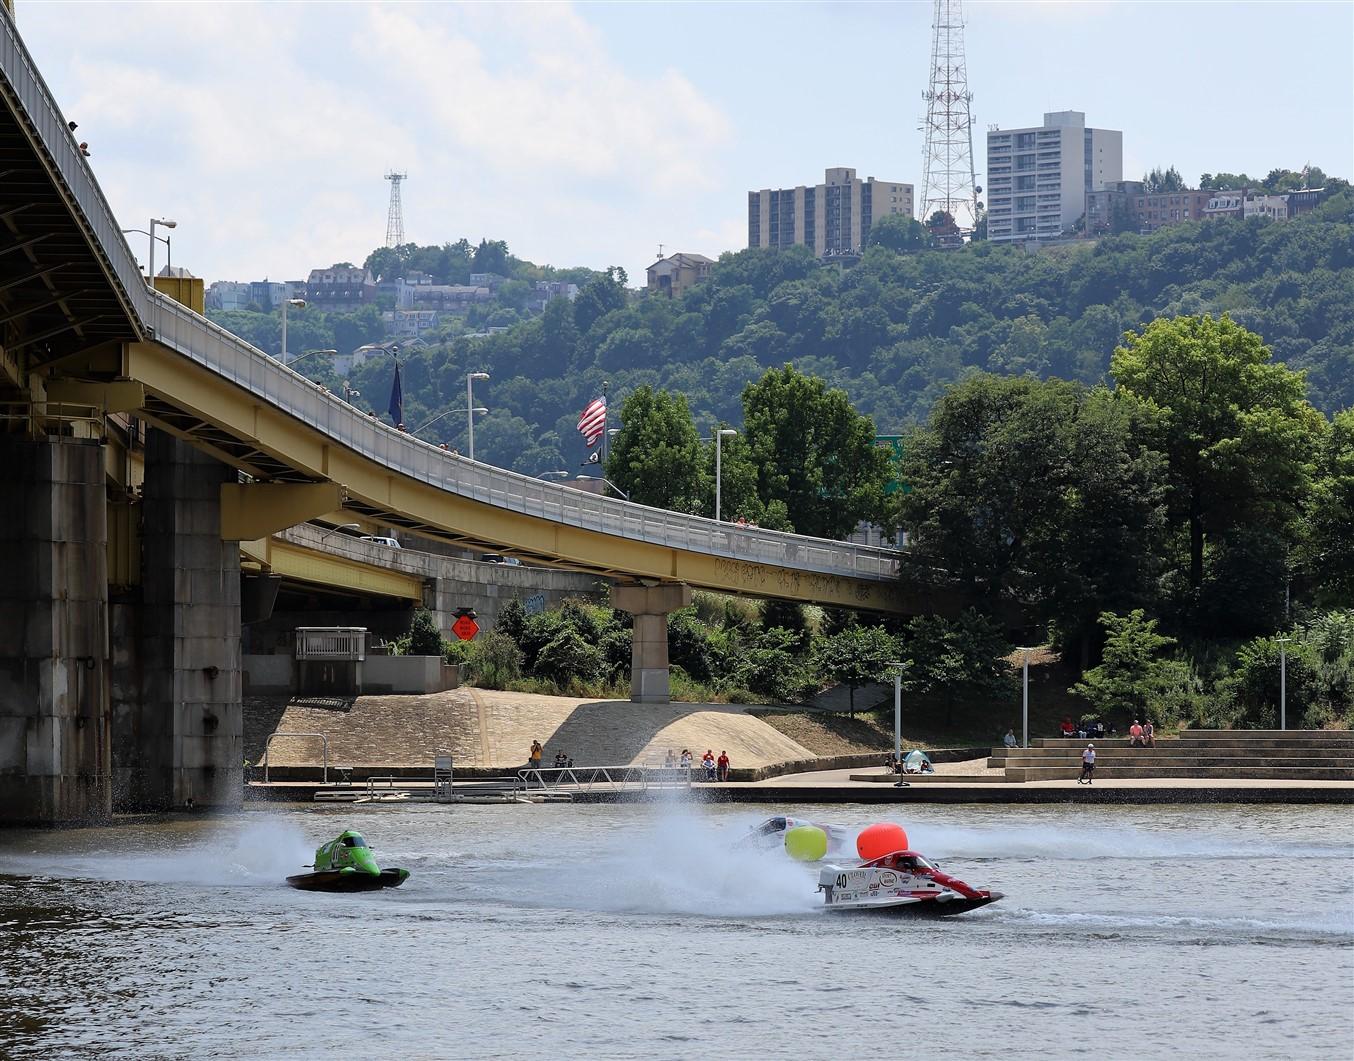 2018 08 04 140 Pittsburgh Three Rivers Regatta.jpg